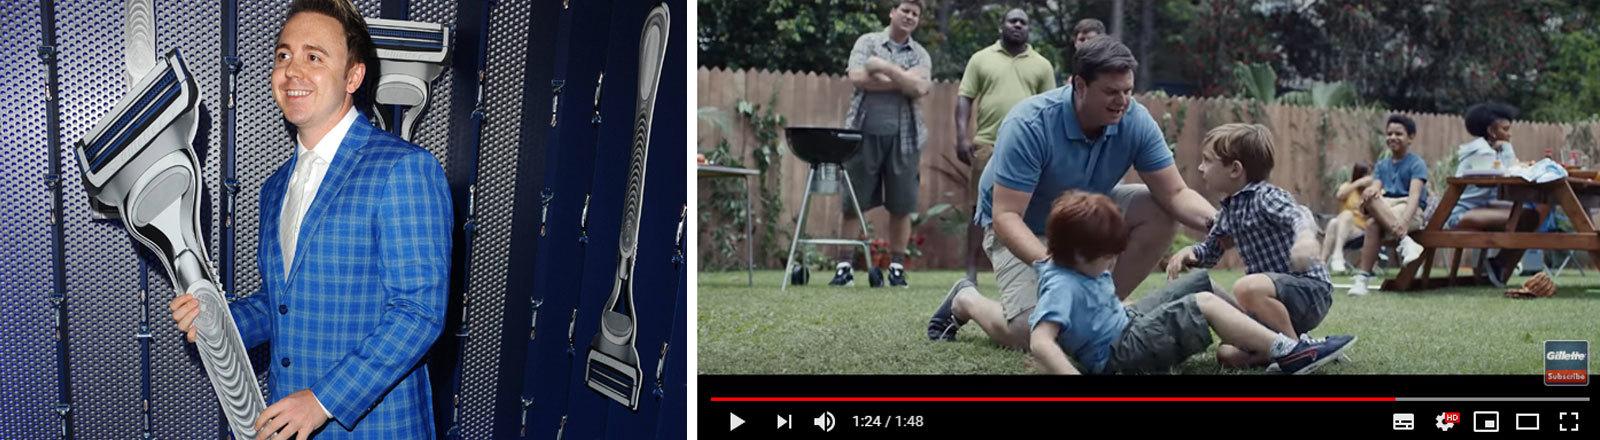 """John Galea mit großem Gillette-Papprasierer und Ausschnitt aus dem Gillette-Werbespot """"We Believe: The Best Men Can Be"""" bei Youtube (Screenshot Deutschlandfunk Nova)"""